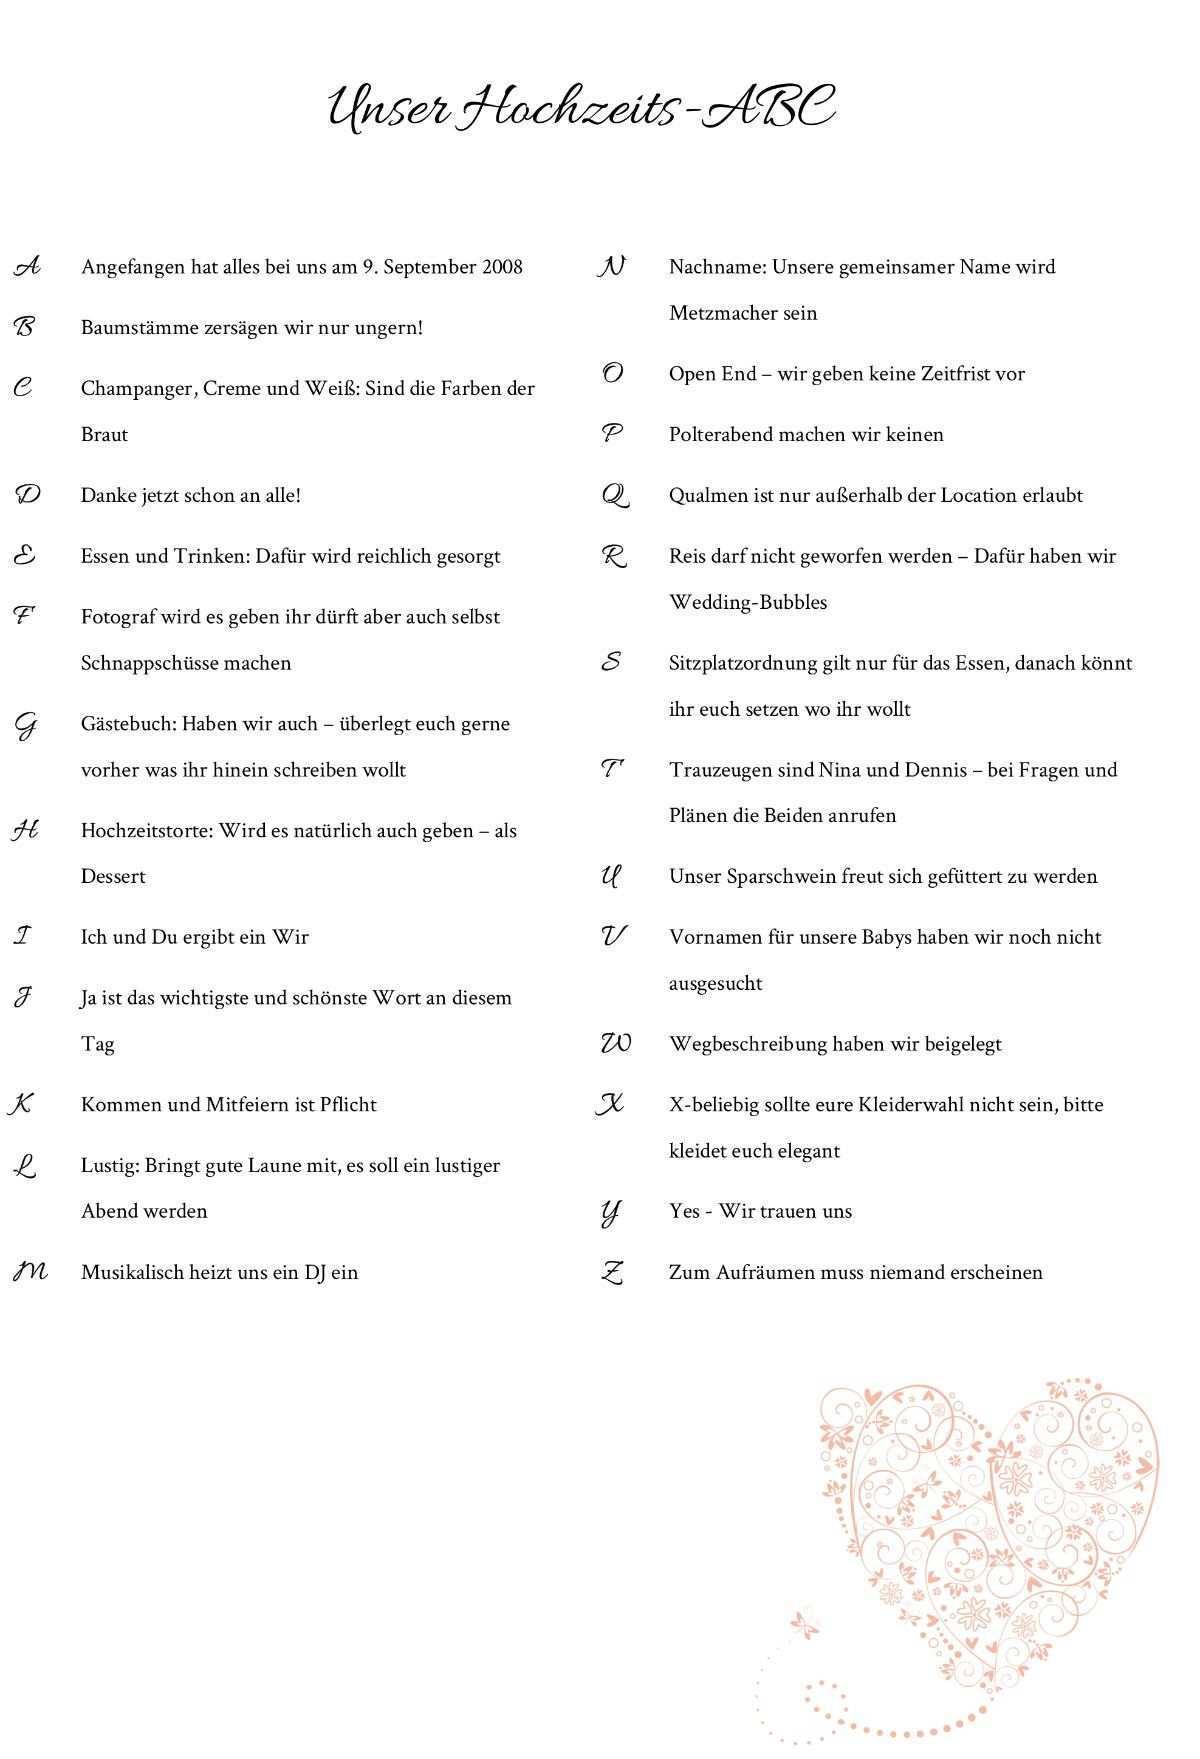 Hochzeits Abc Fur Die Hochzeitsgaste Vorlagen Infos Hochzeits Abc Kirchenheft Hochzeit Vorlage Hochzeitsgaste